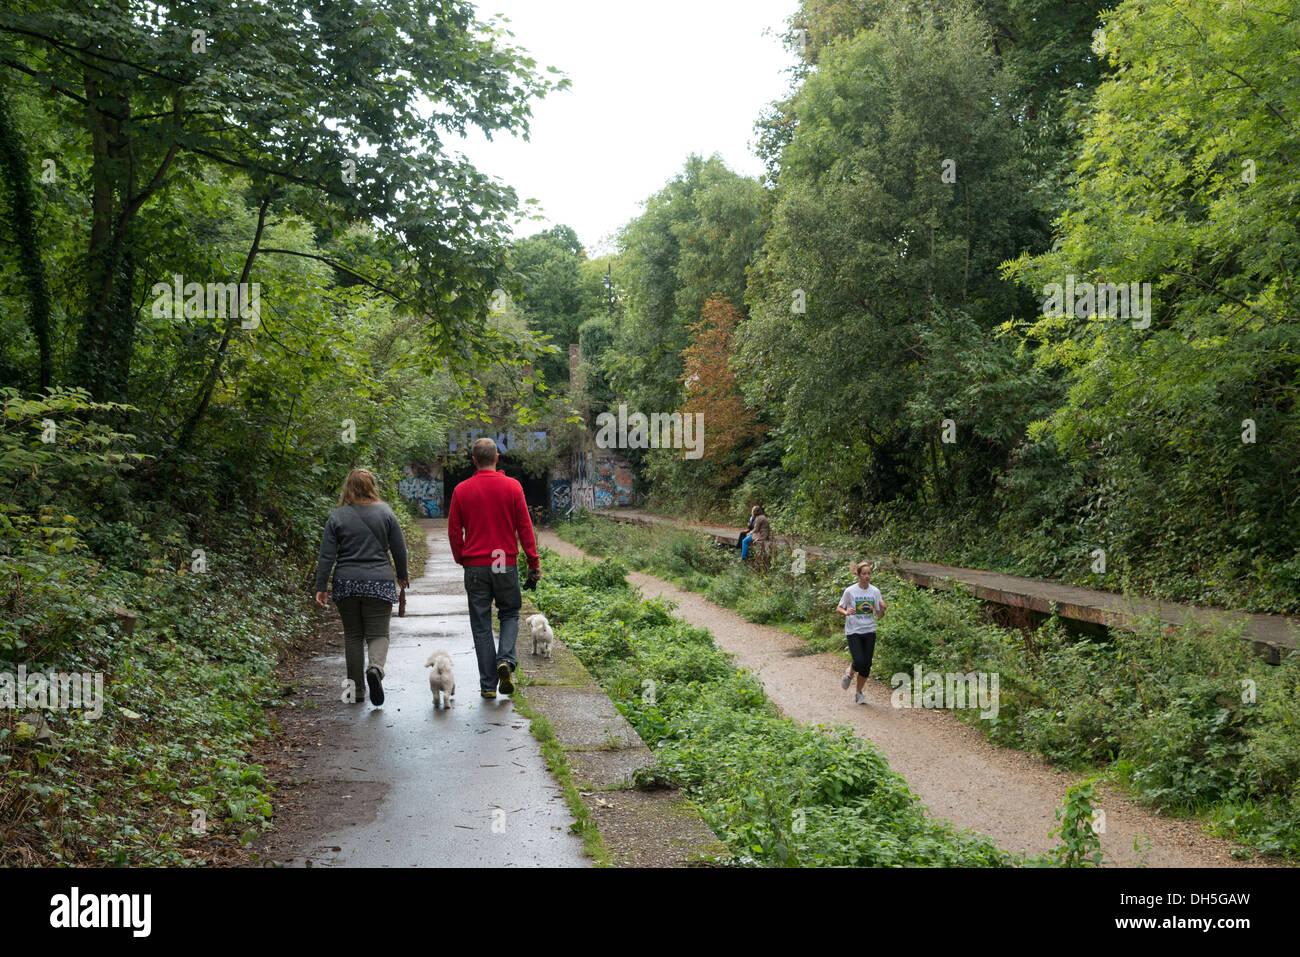 Parkland Walk, London, England, UK - Stock Image